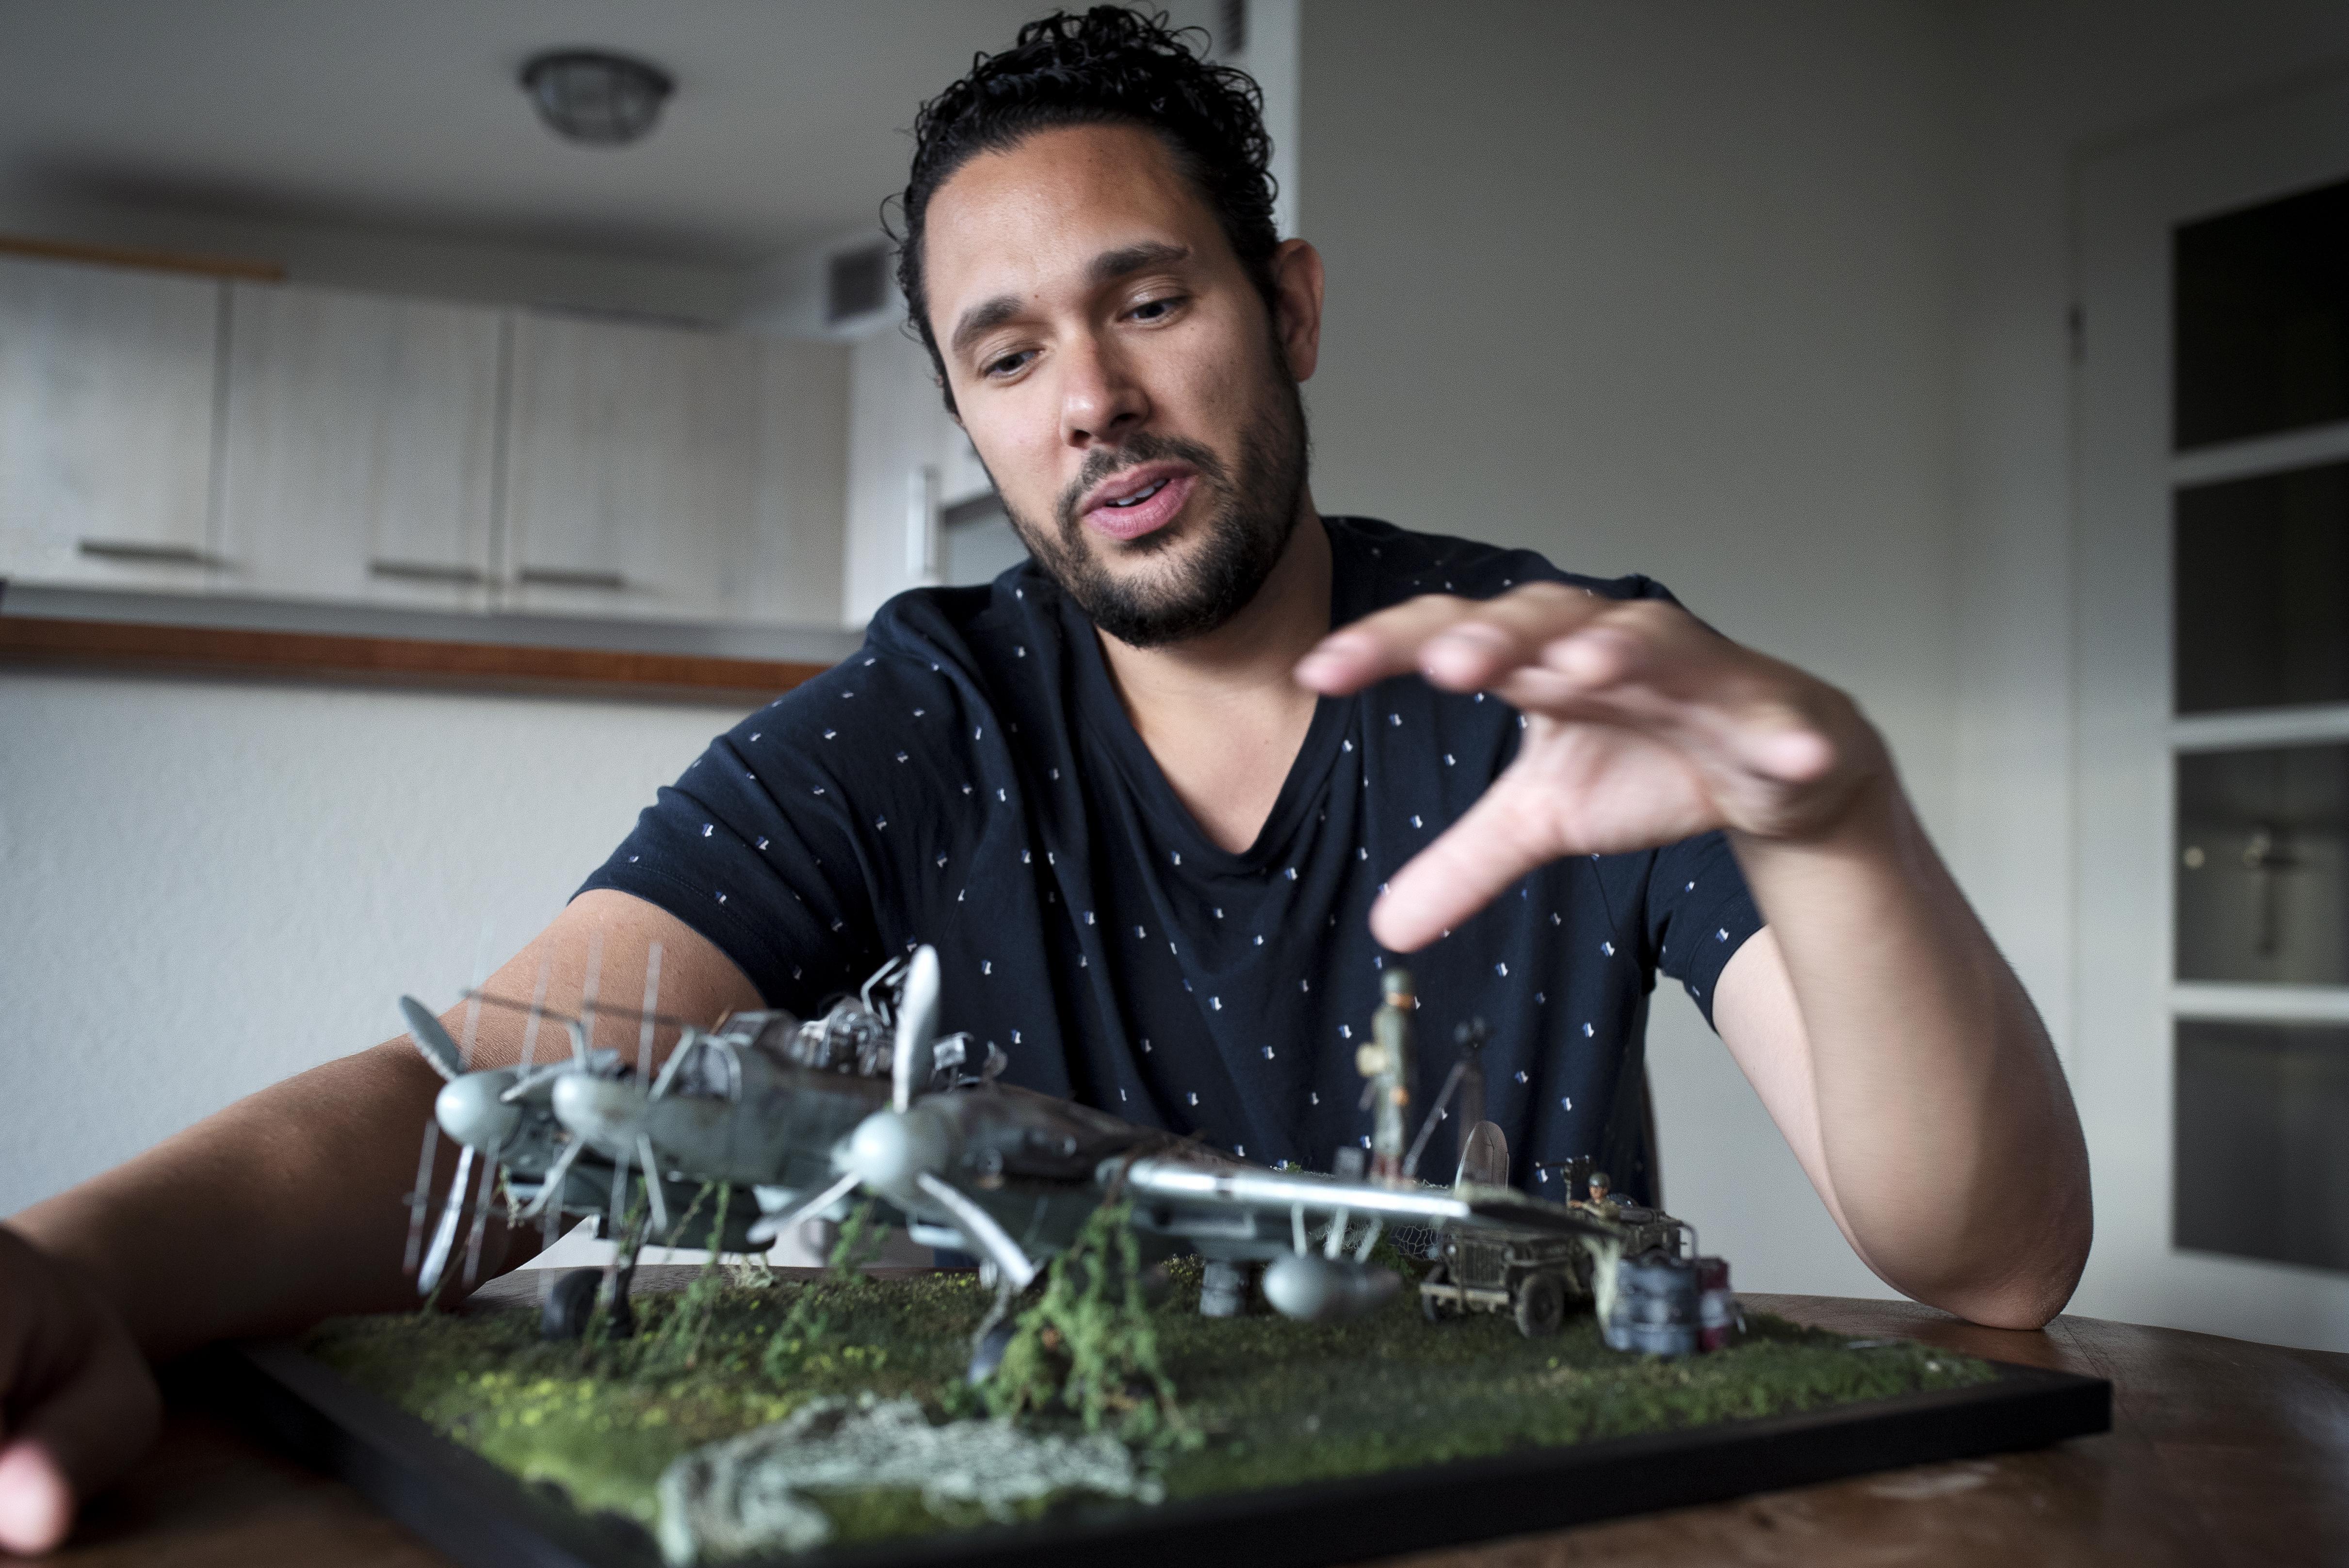 Modelbouwer Rowdy Springintveld uit Beverwijk vertelt oorlogsverhalen met zijn diorama's: 'Het moet allemaal kloppen'